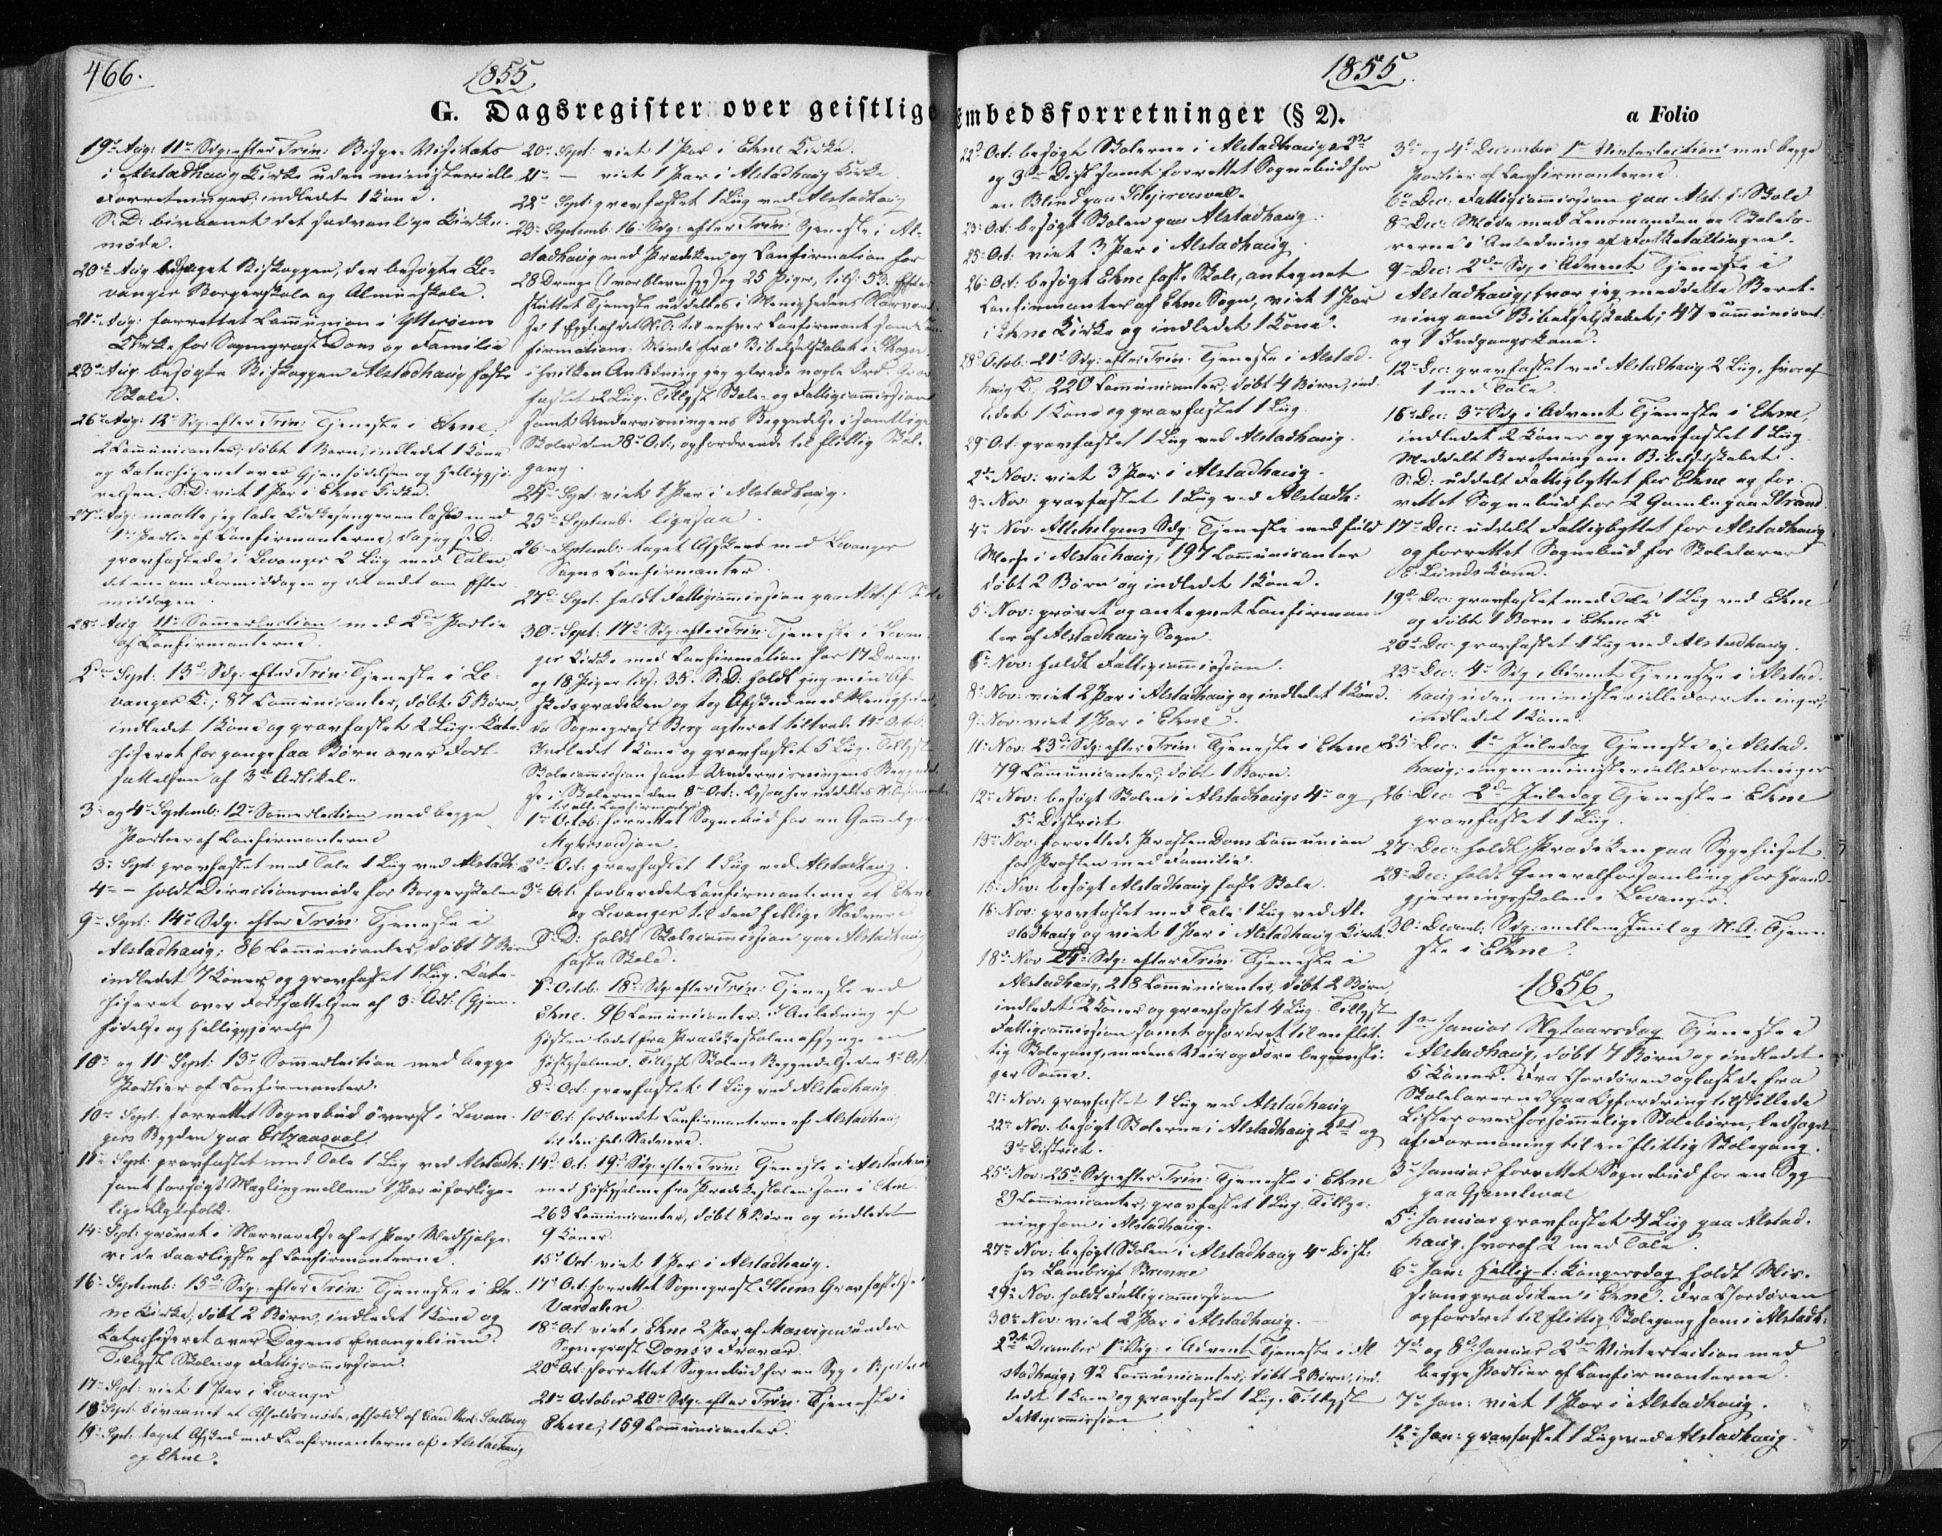 SAT, Ministerialprotokoller, klokkerbøker og fødselsregistre - Nord-Trøndelag, 717/L0154: Ministerialbok nr. 717A07 /1, 1850-1862, s. 466